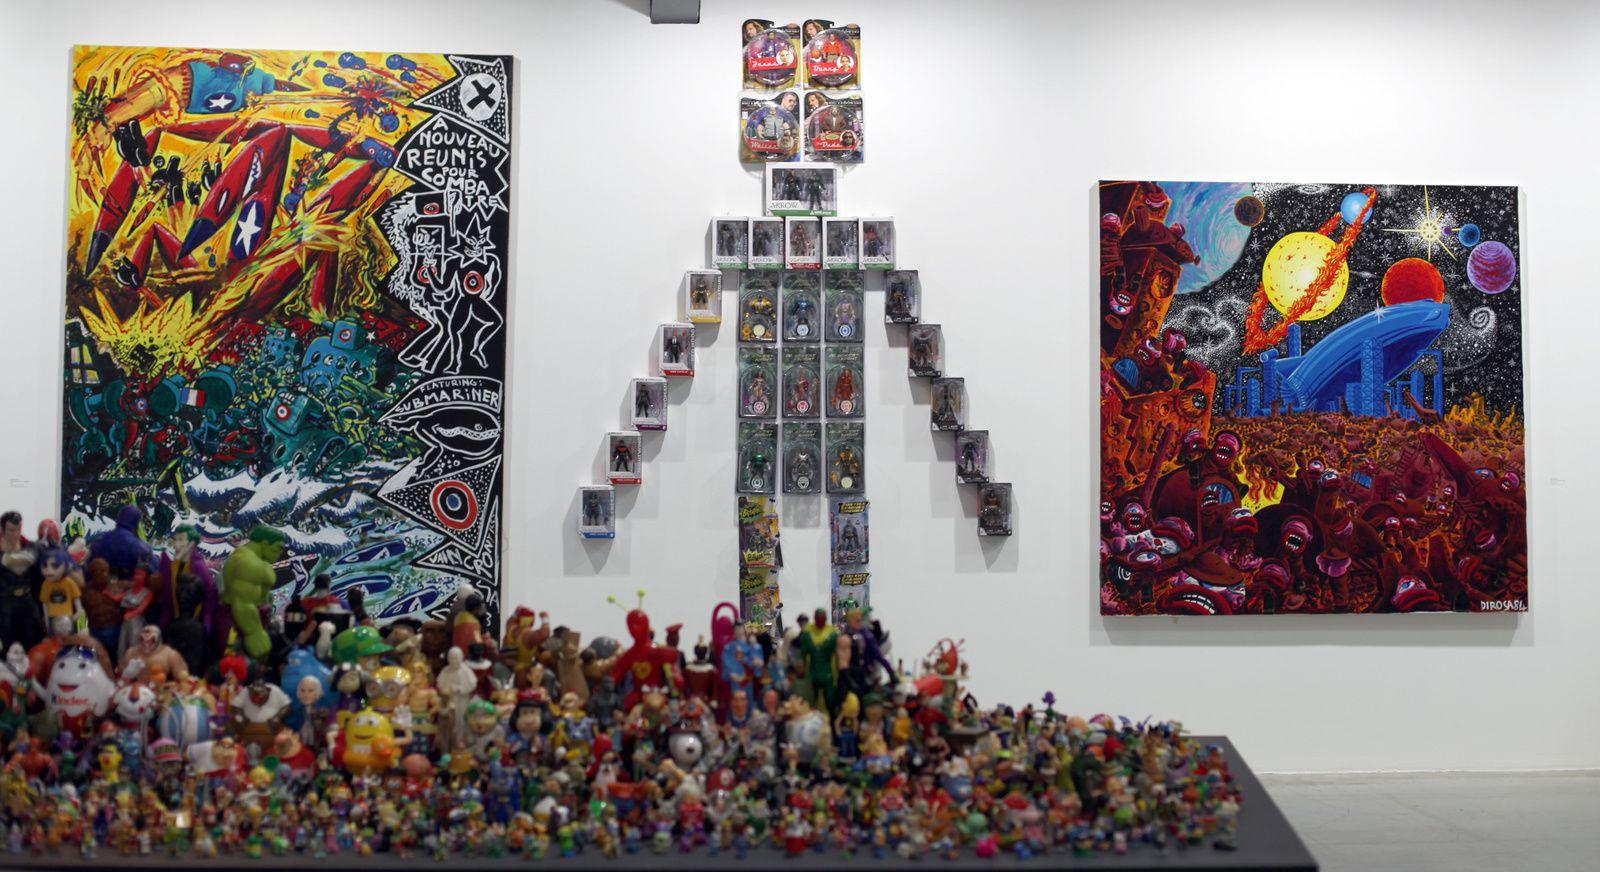 Vue de l'exposition d'Hervé DI ROSA - Courtesy de l'artiste © Photo Éric Simon